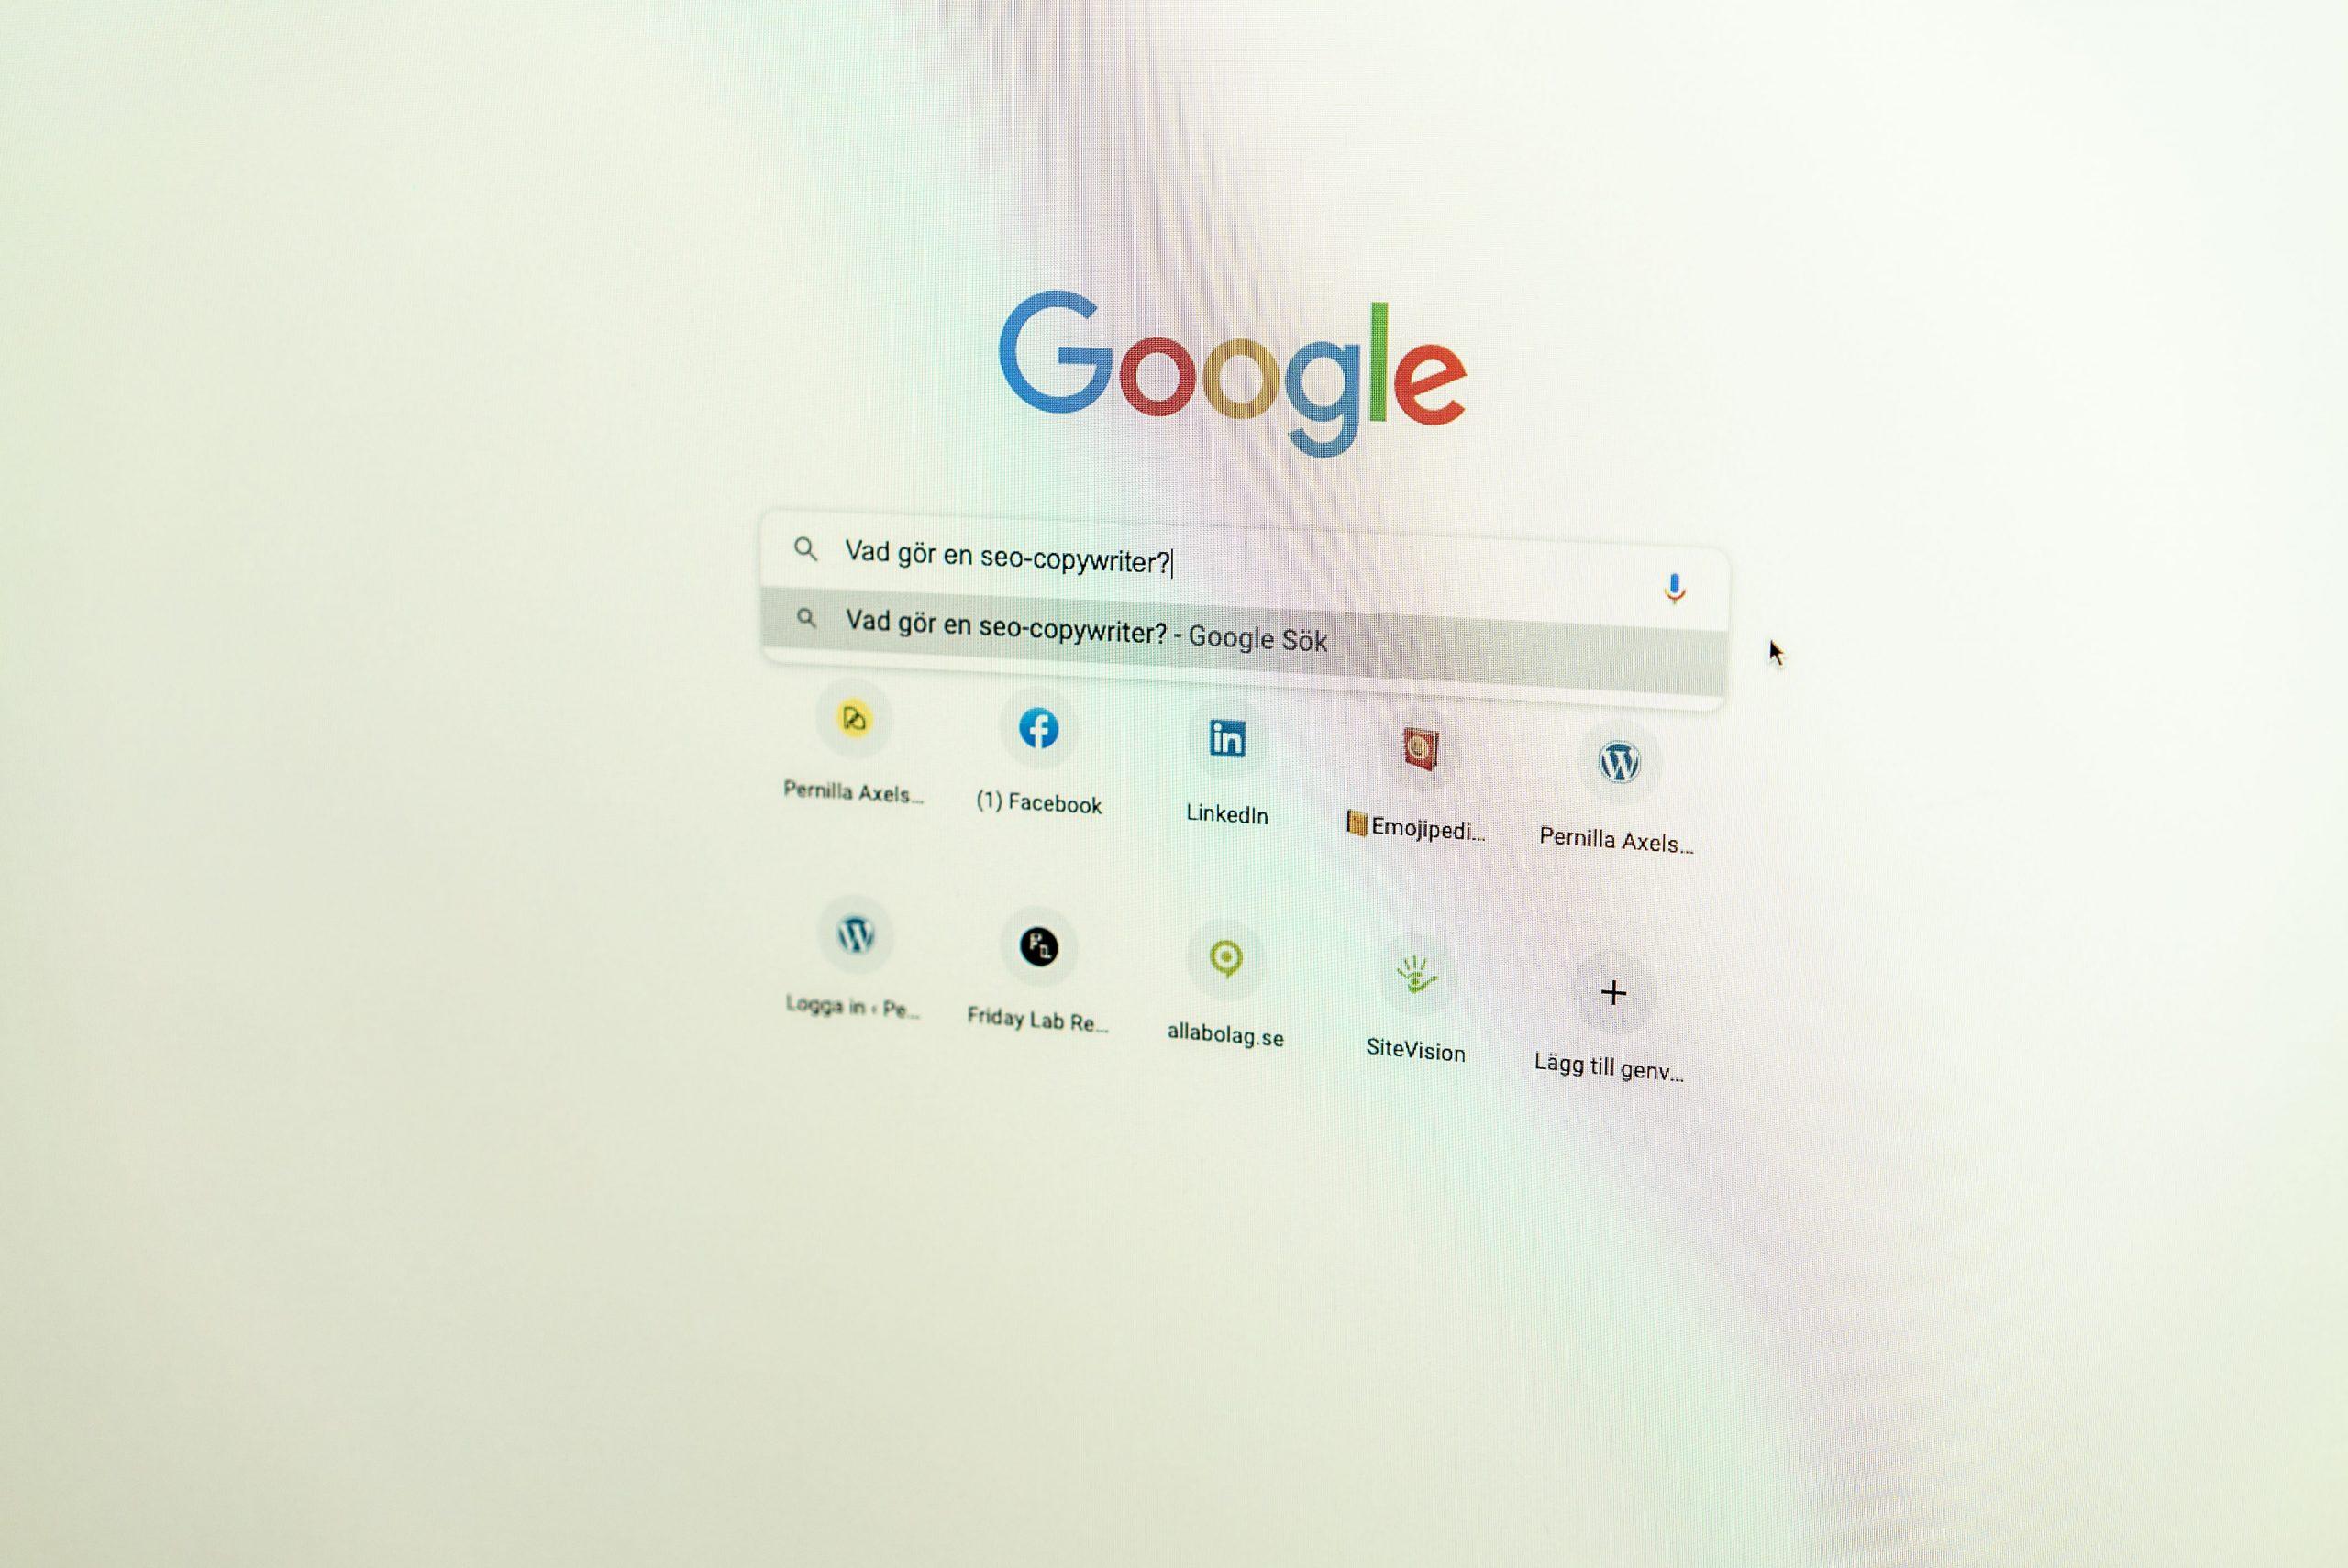 Skärmdump på Google där Pernilla Axelsson ska googla Vad gör en SEO-copywriter?